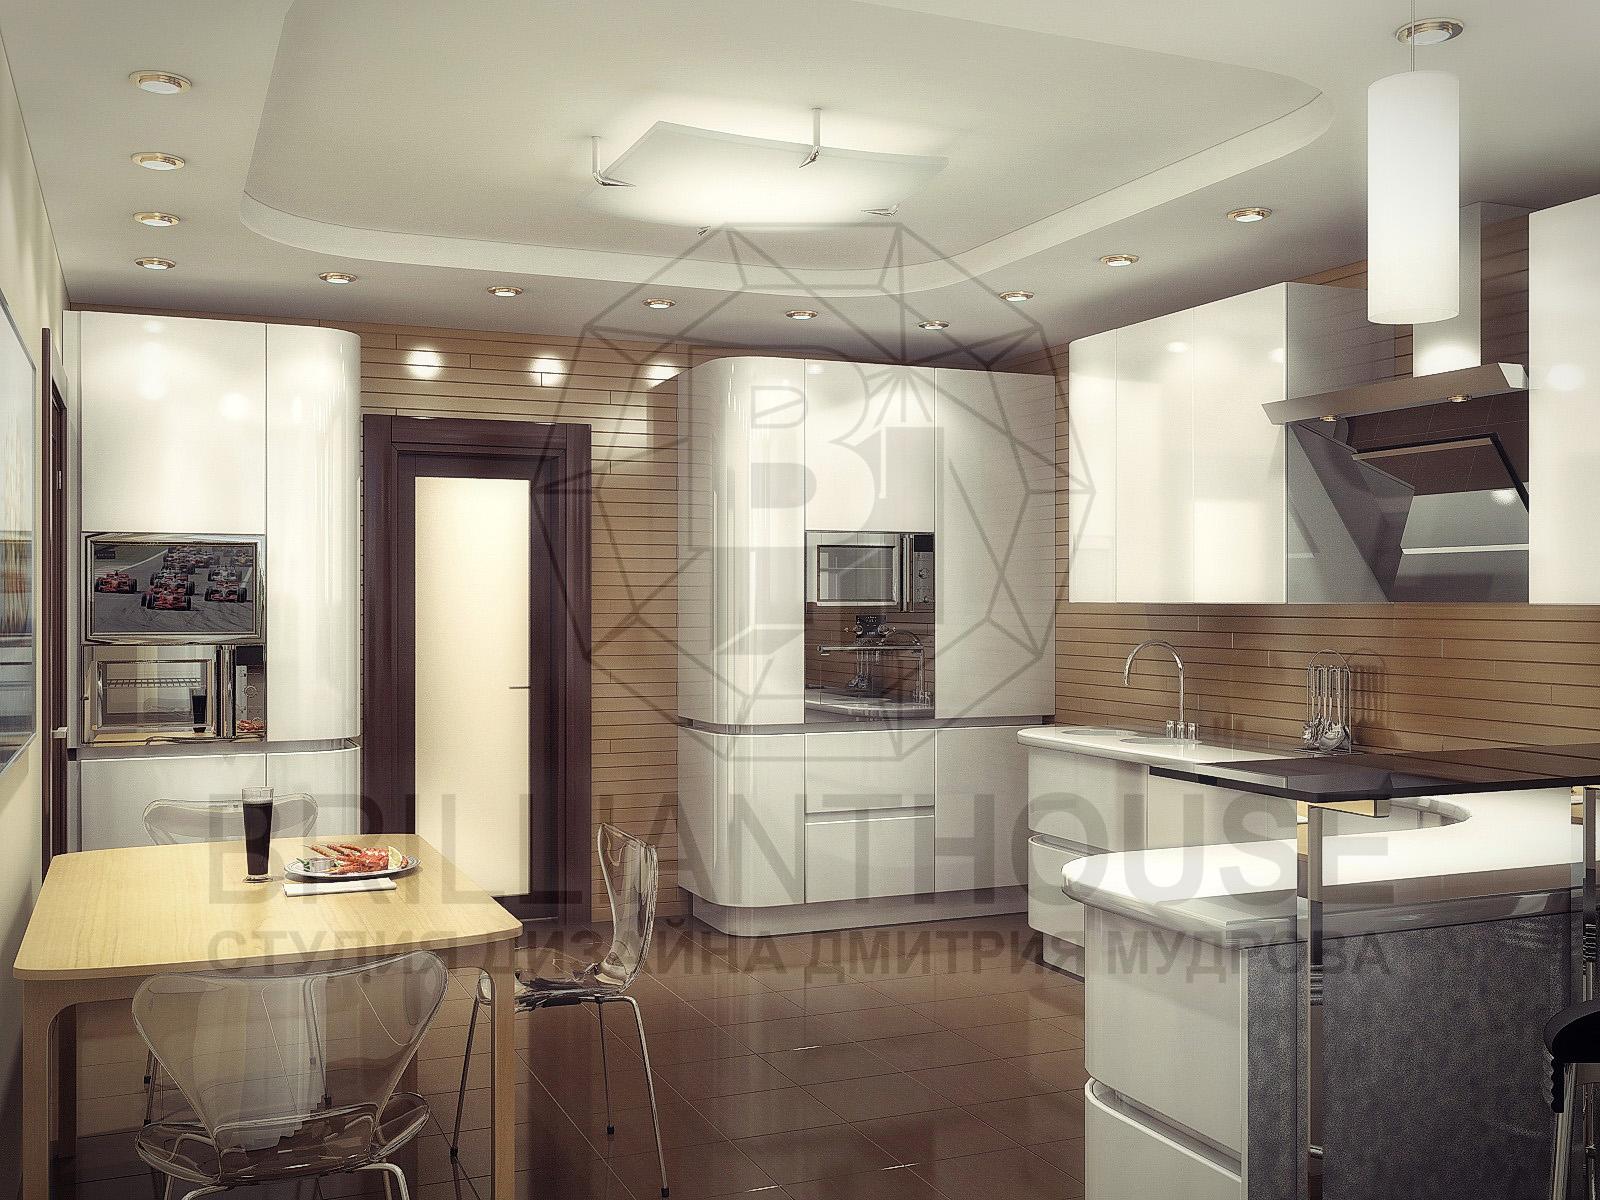 Дизайн кухни 3 d